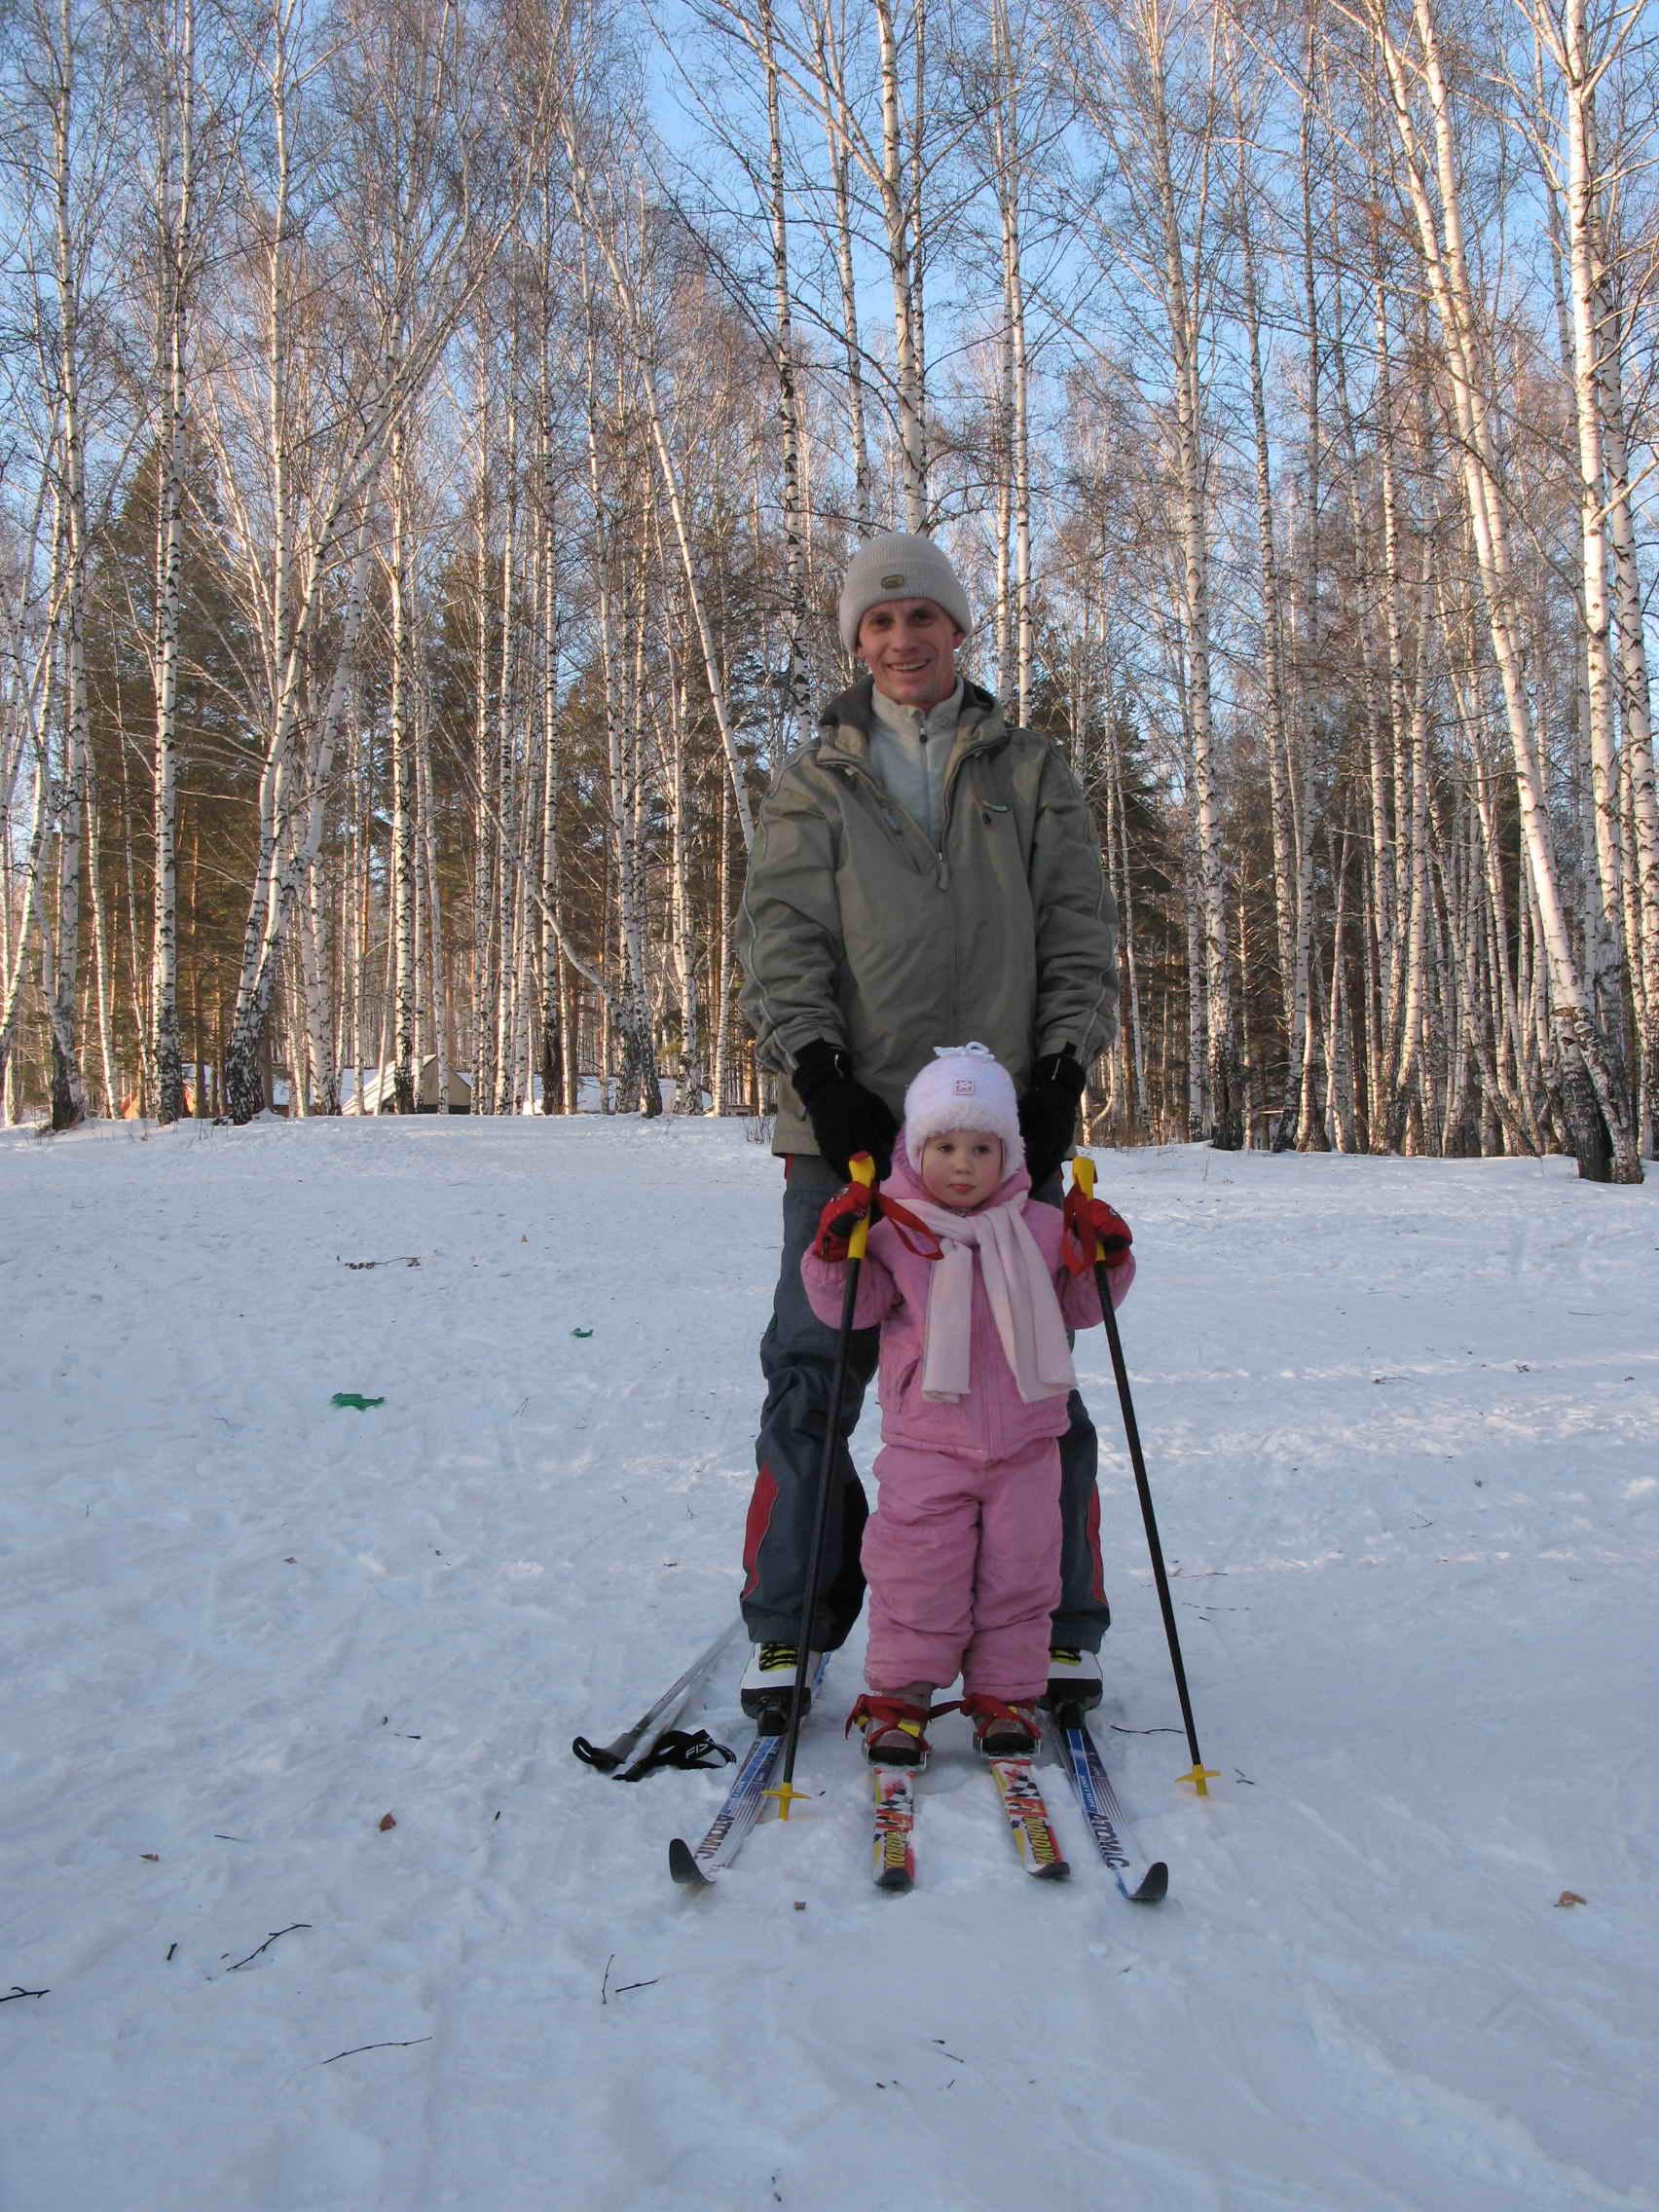 буду лыжником как папа!. Спортивная семья